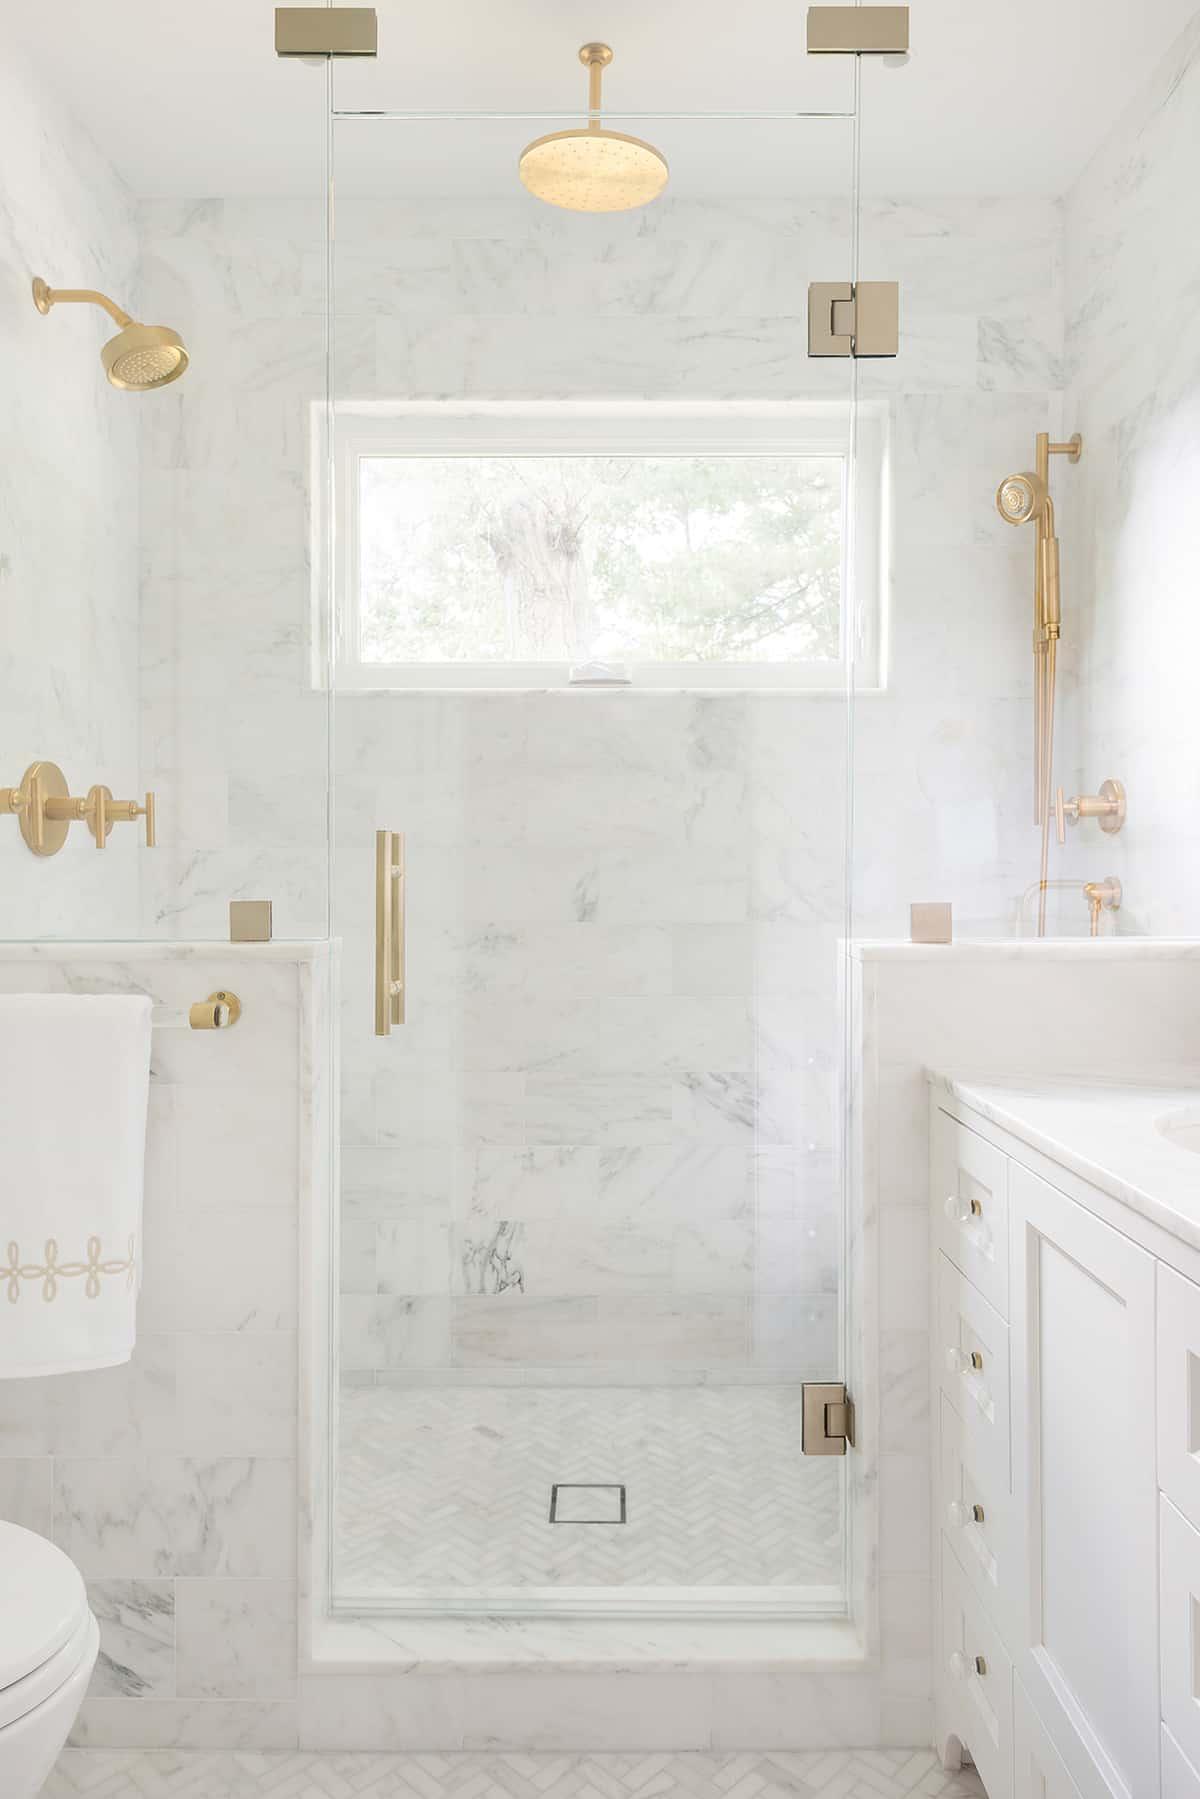 Timeless marble design in bathroom with herringbone floor.